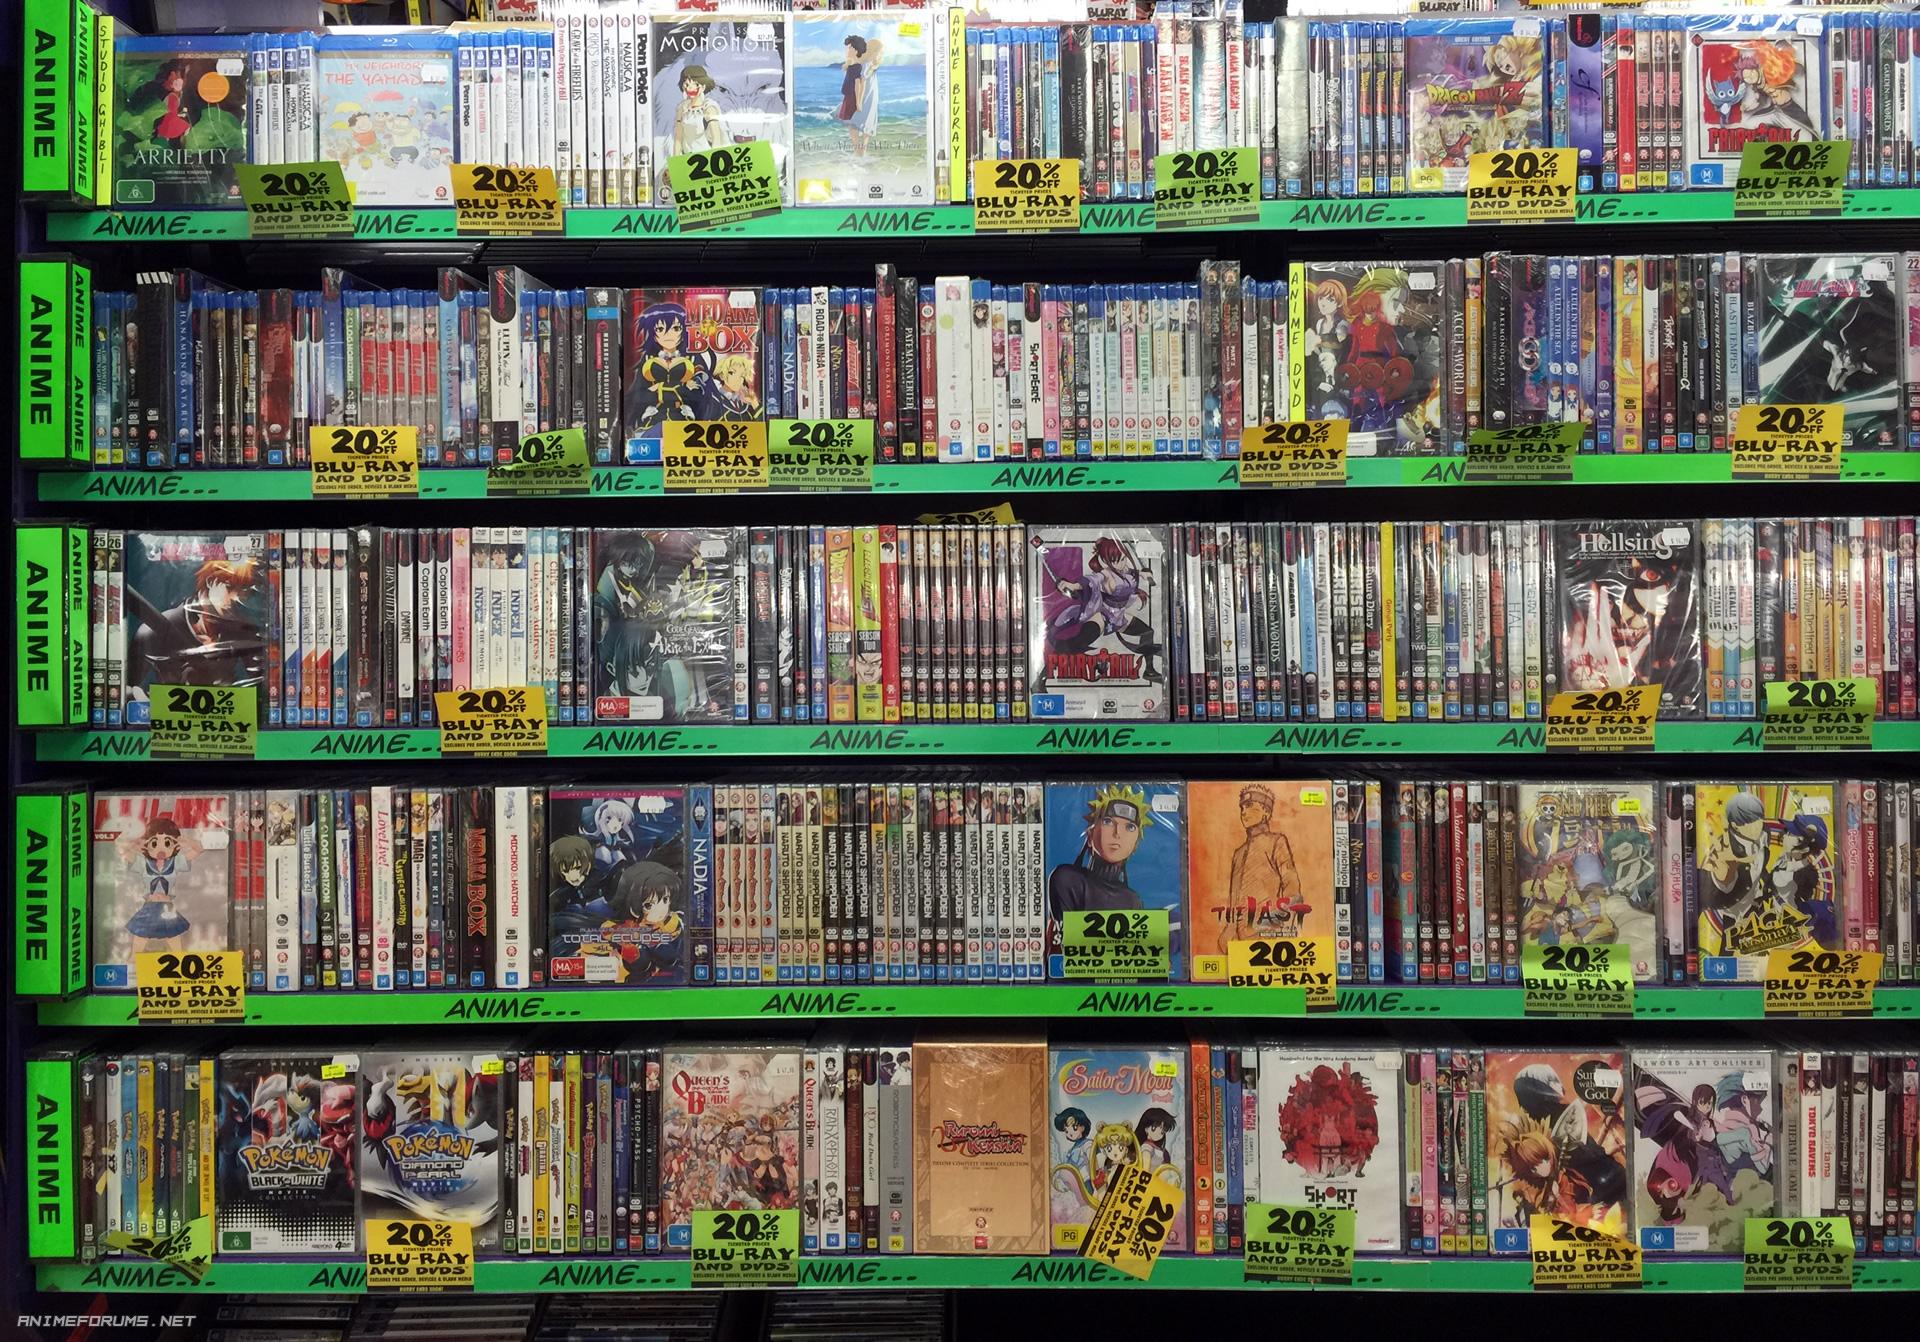 Jb hi fi anime blurays dvds thumb jpg